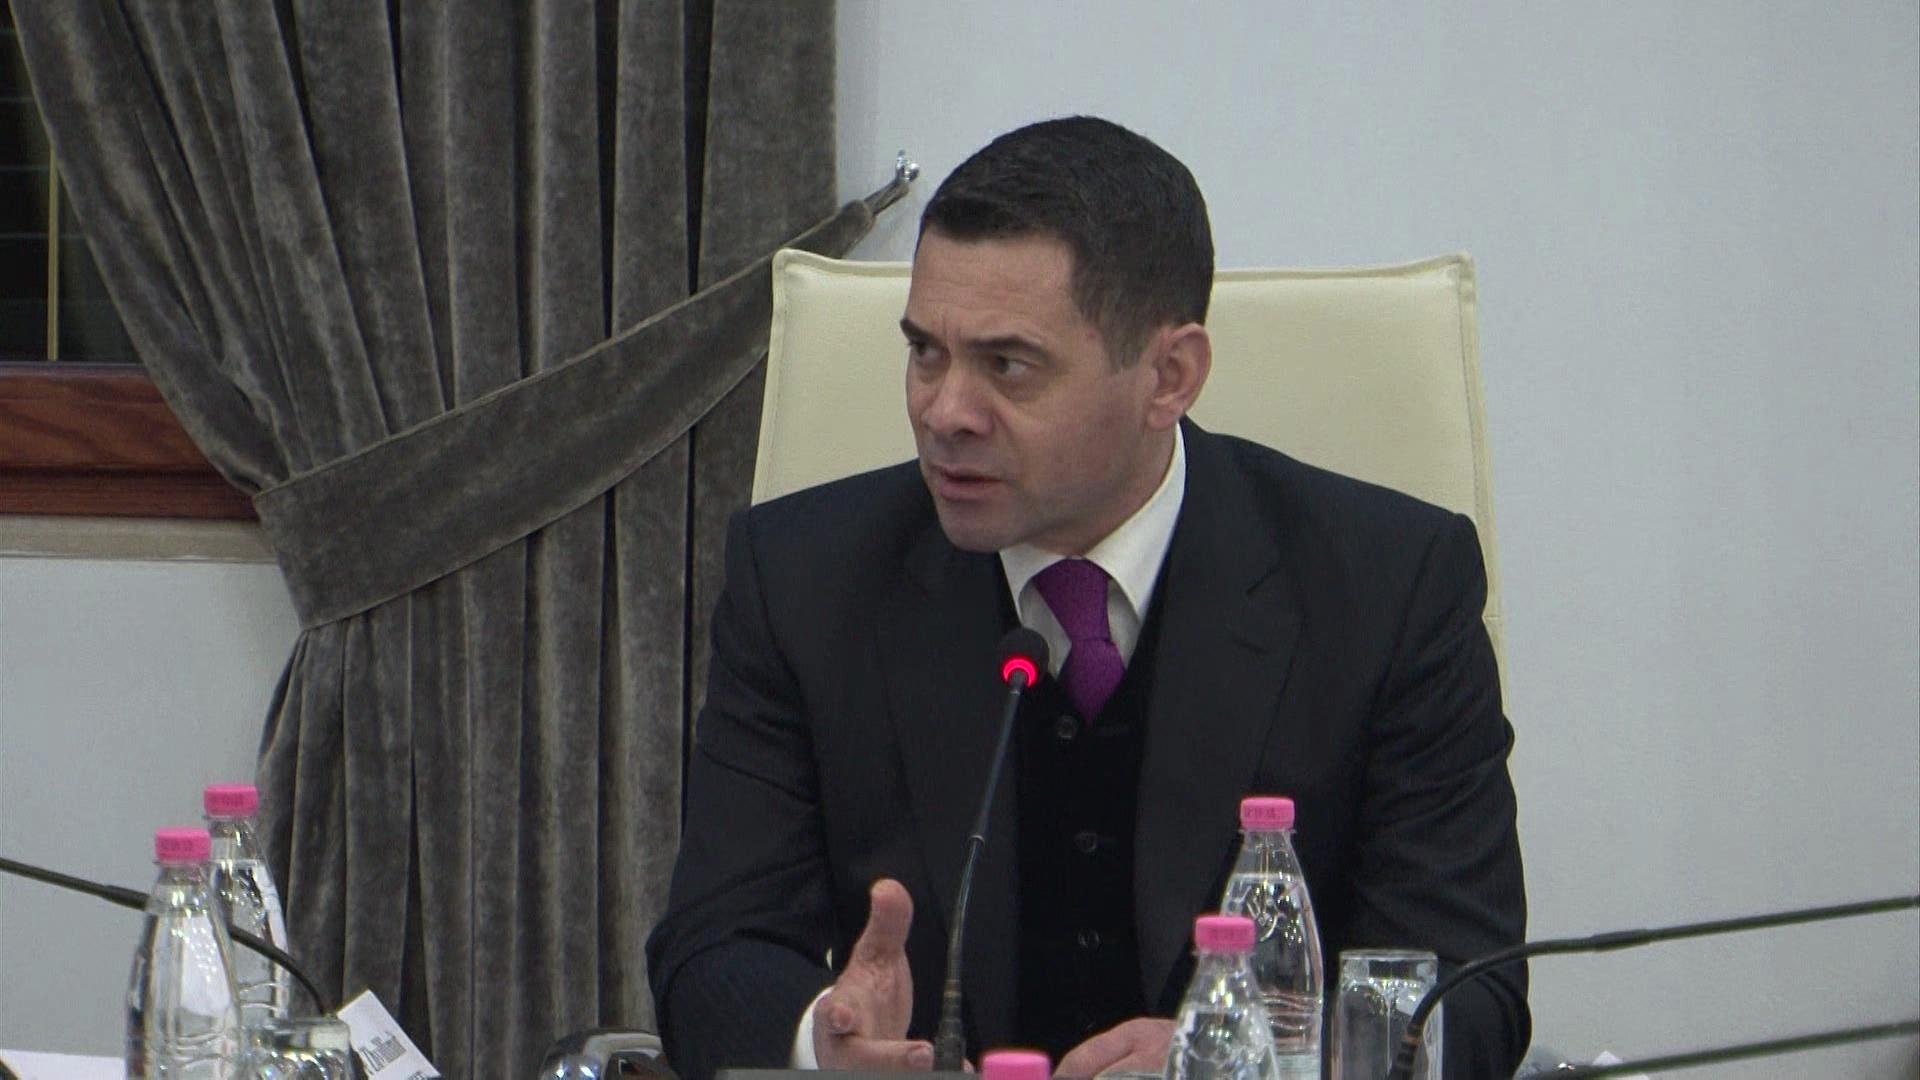 Këshilli i investimeve, Ahmetaj: Gati ndryshimet ligjore për të hequr 10 leje